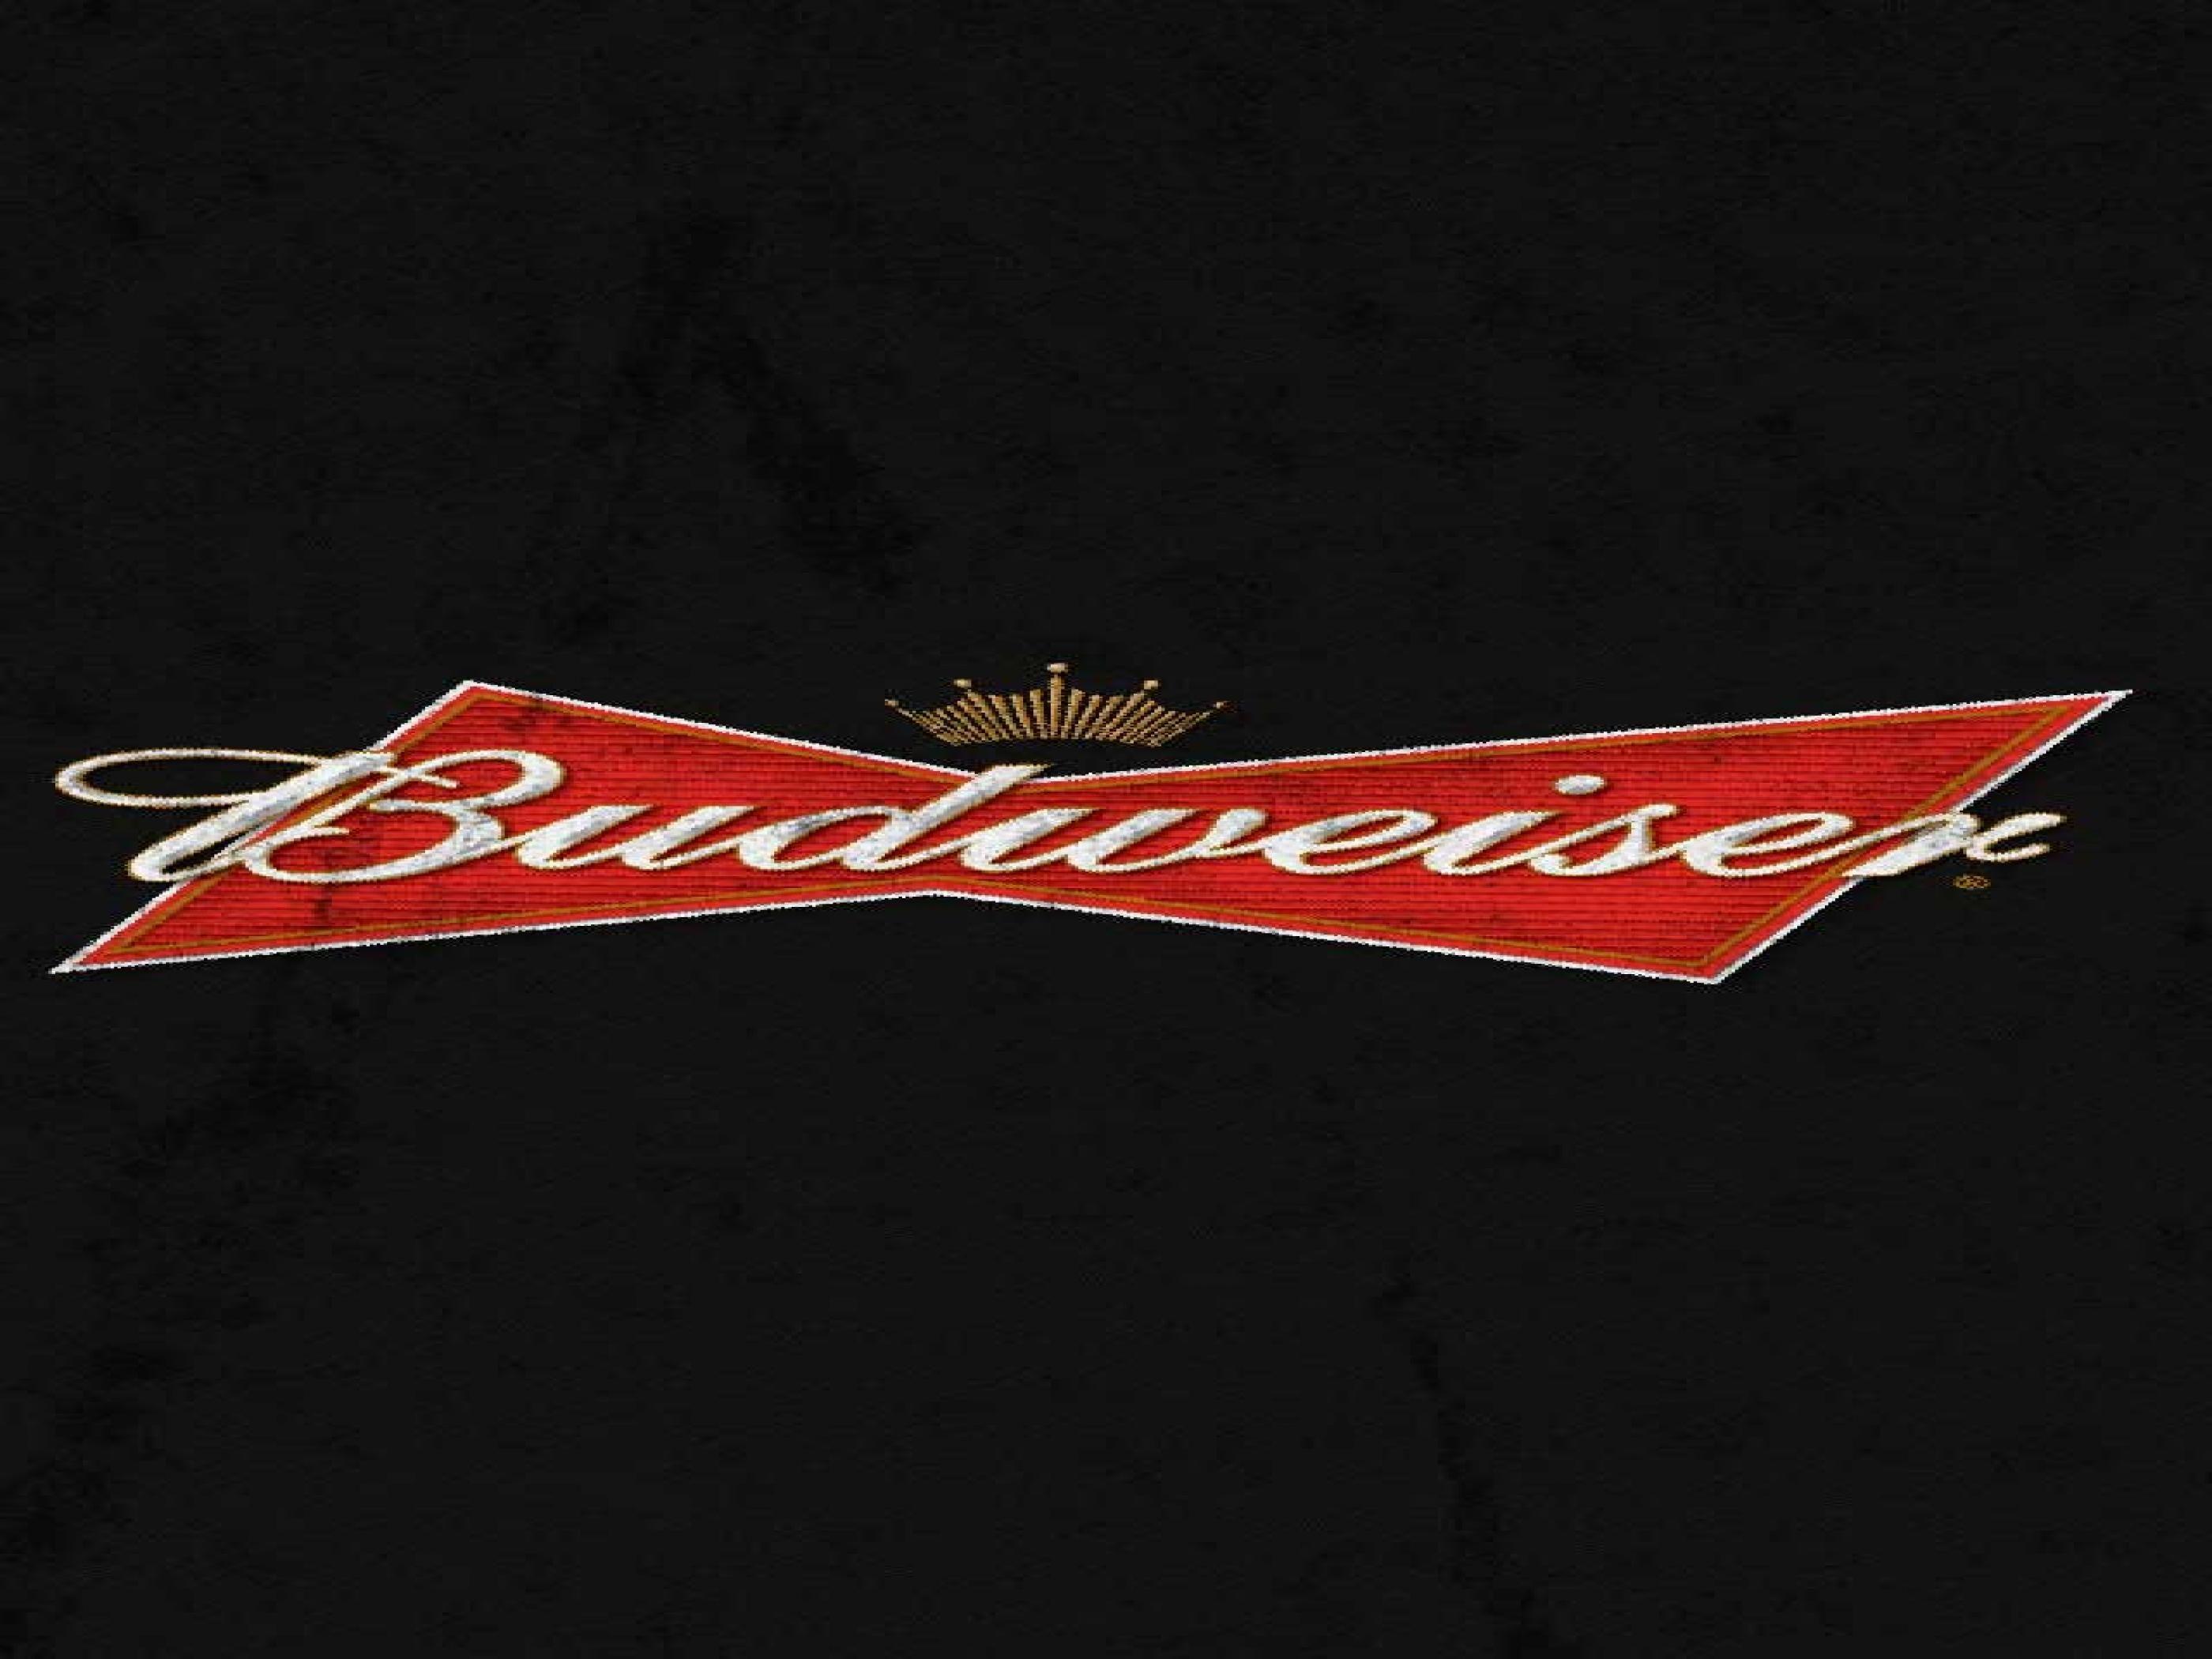 Bud Shootout Wallpaper, Background, Theme, Desktop  |Budweiser Select Wallpaper